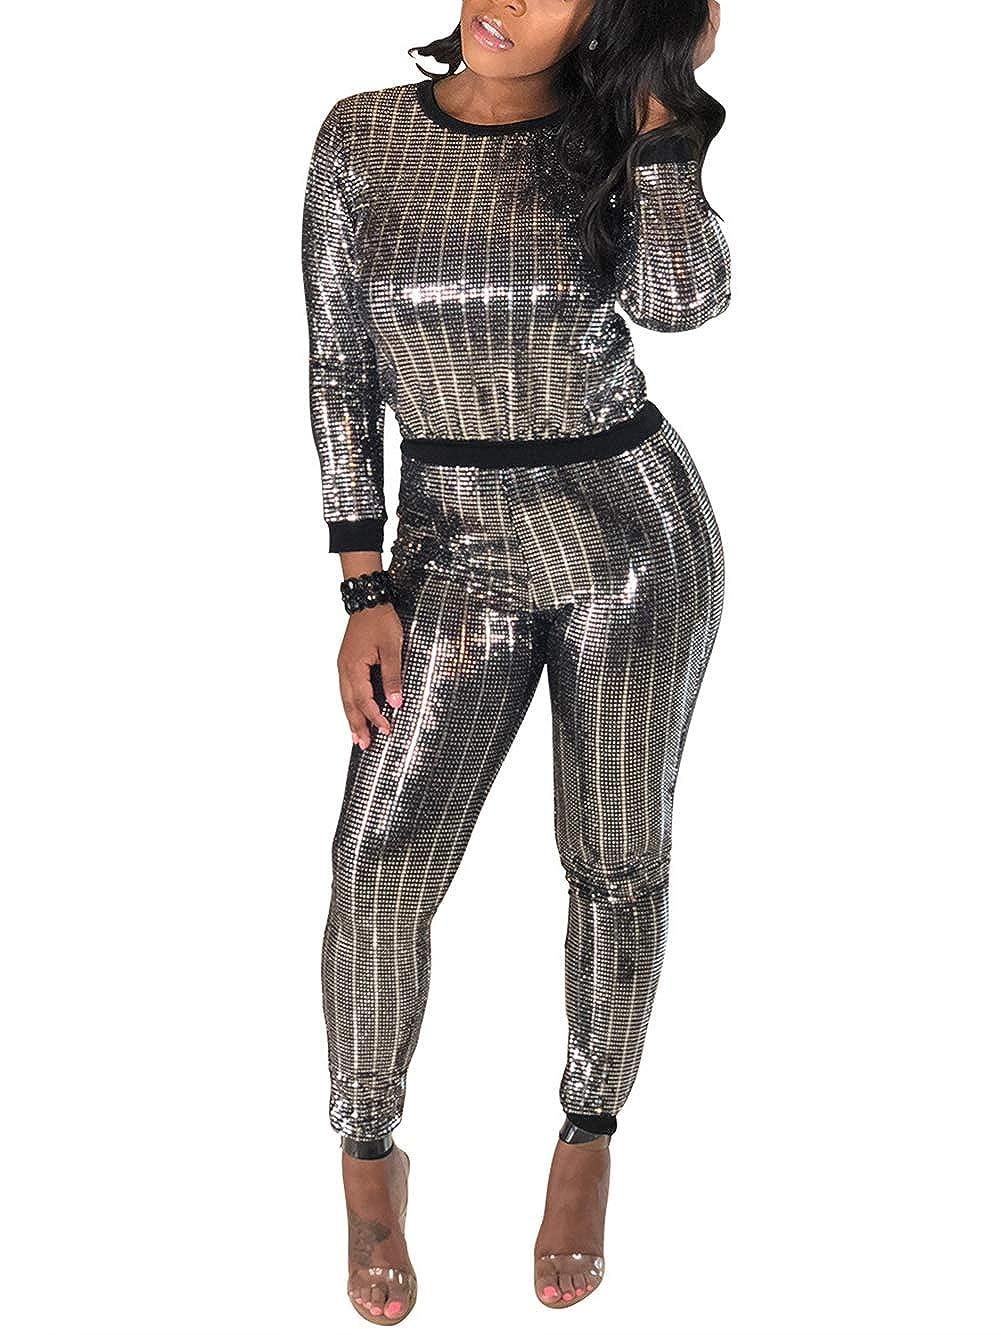 3 Silver Black Kafiloe Women 2 Piece Outfits Clubwear Bodycon Sequin Jumpsuit Set Crop Top Pants Suit